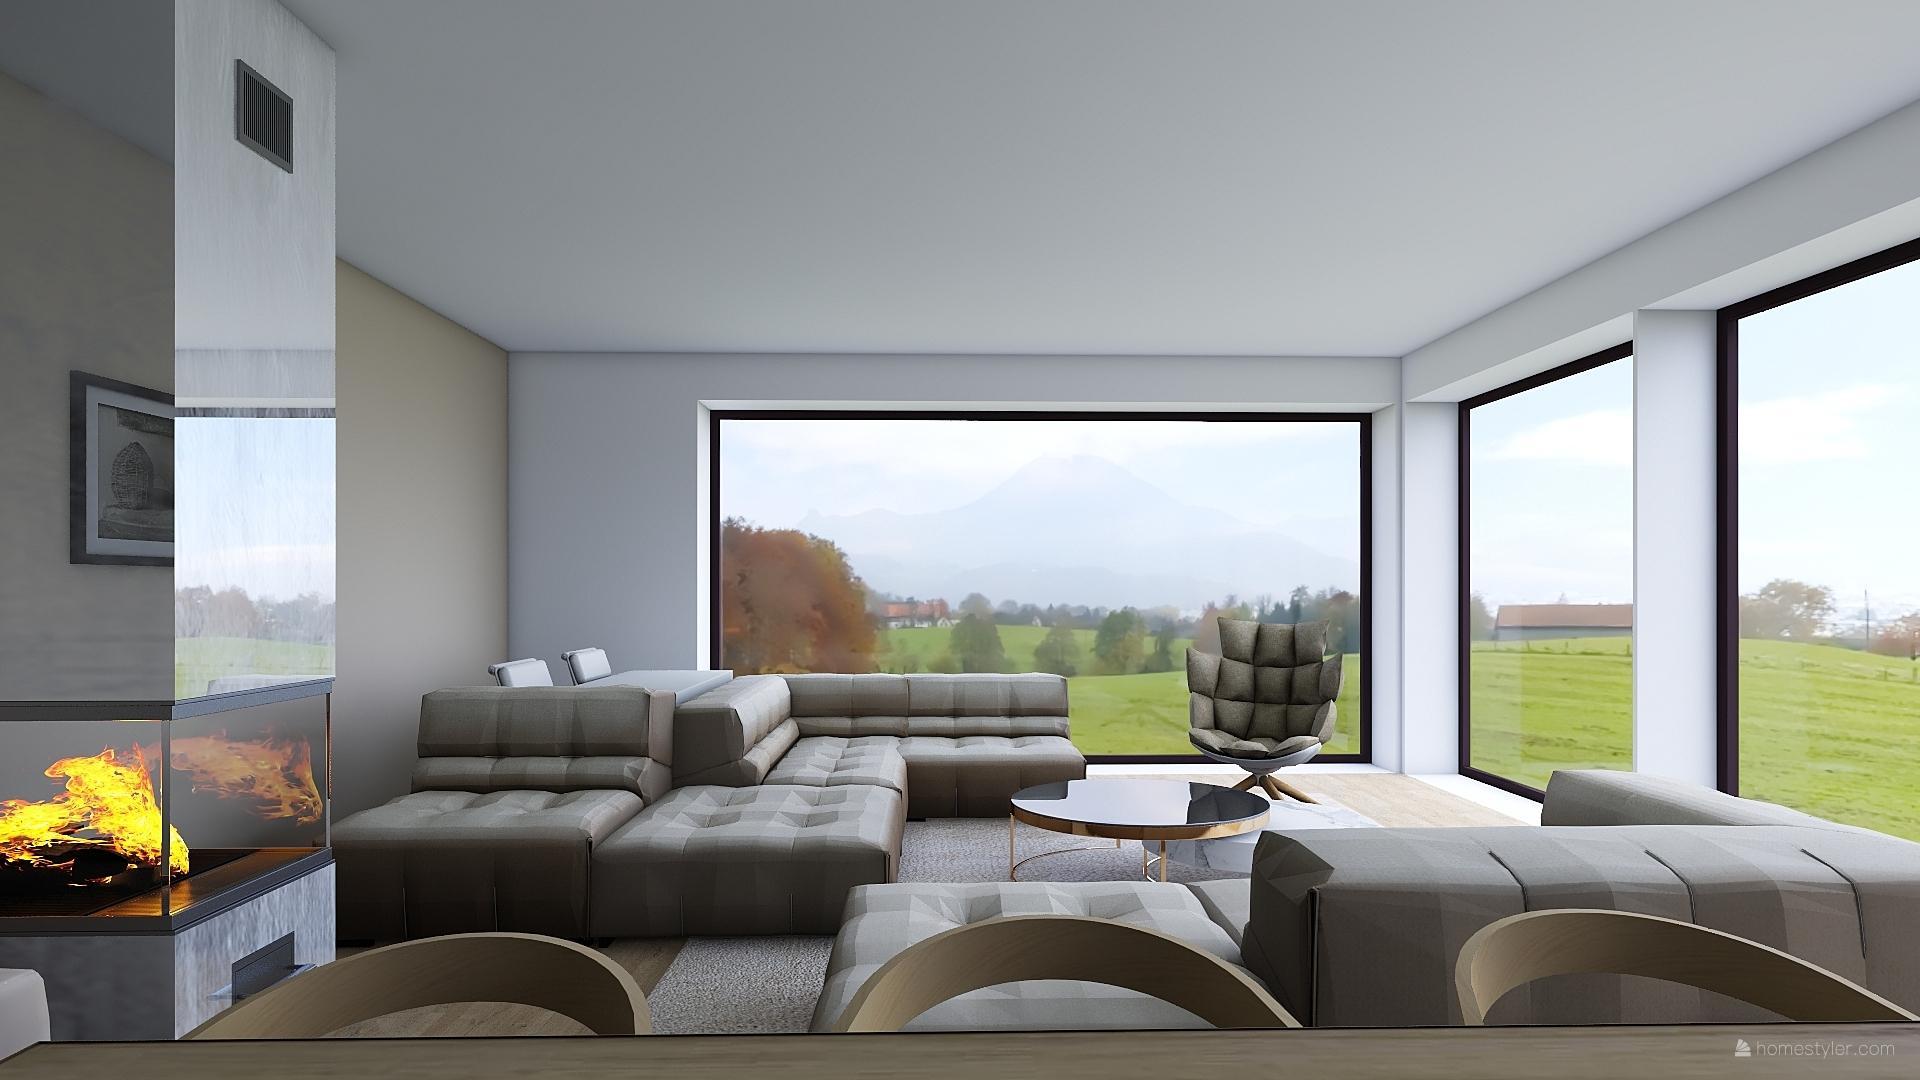 Mé dokonale nedokonalé vizualizace našeho budoucího domu - Bez monitorů.